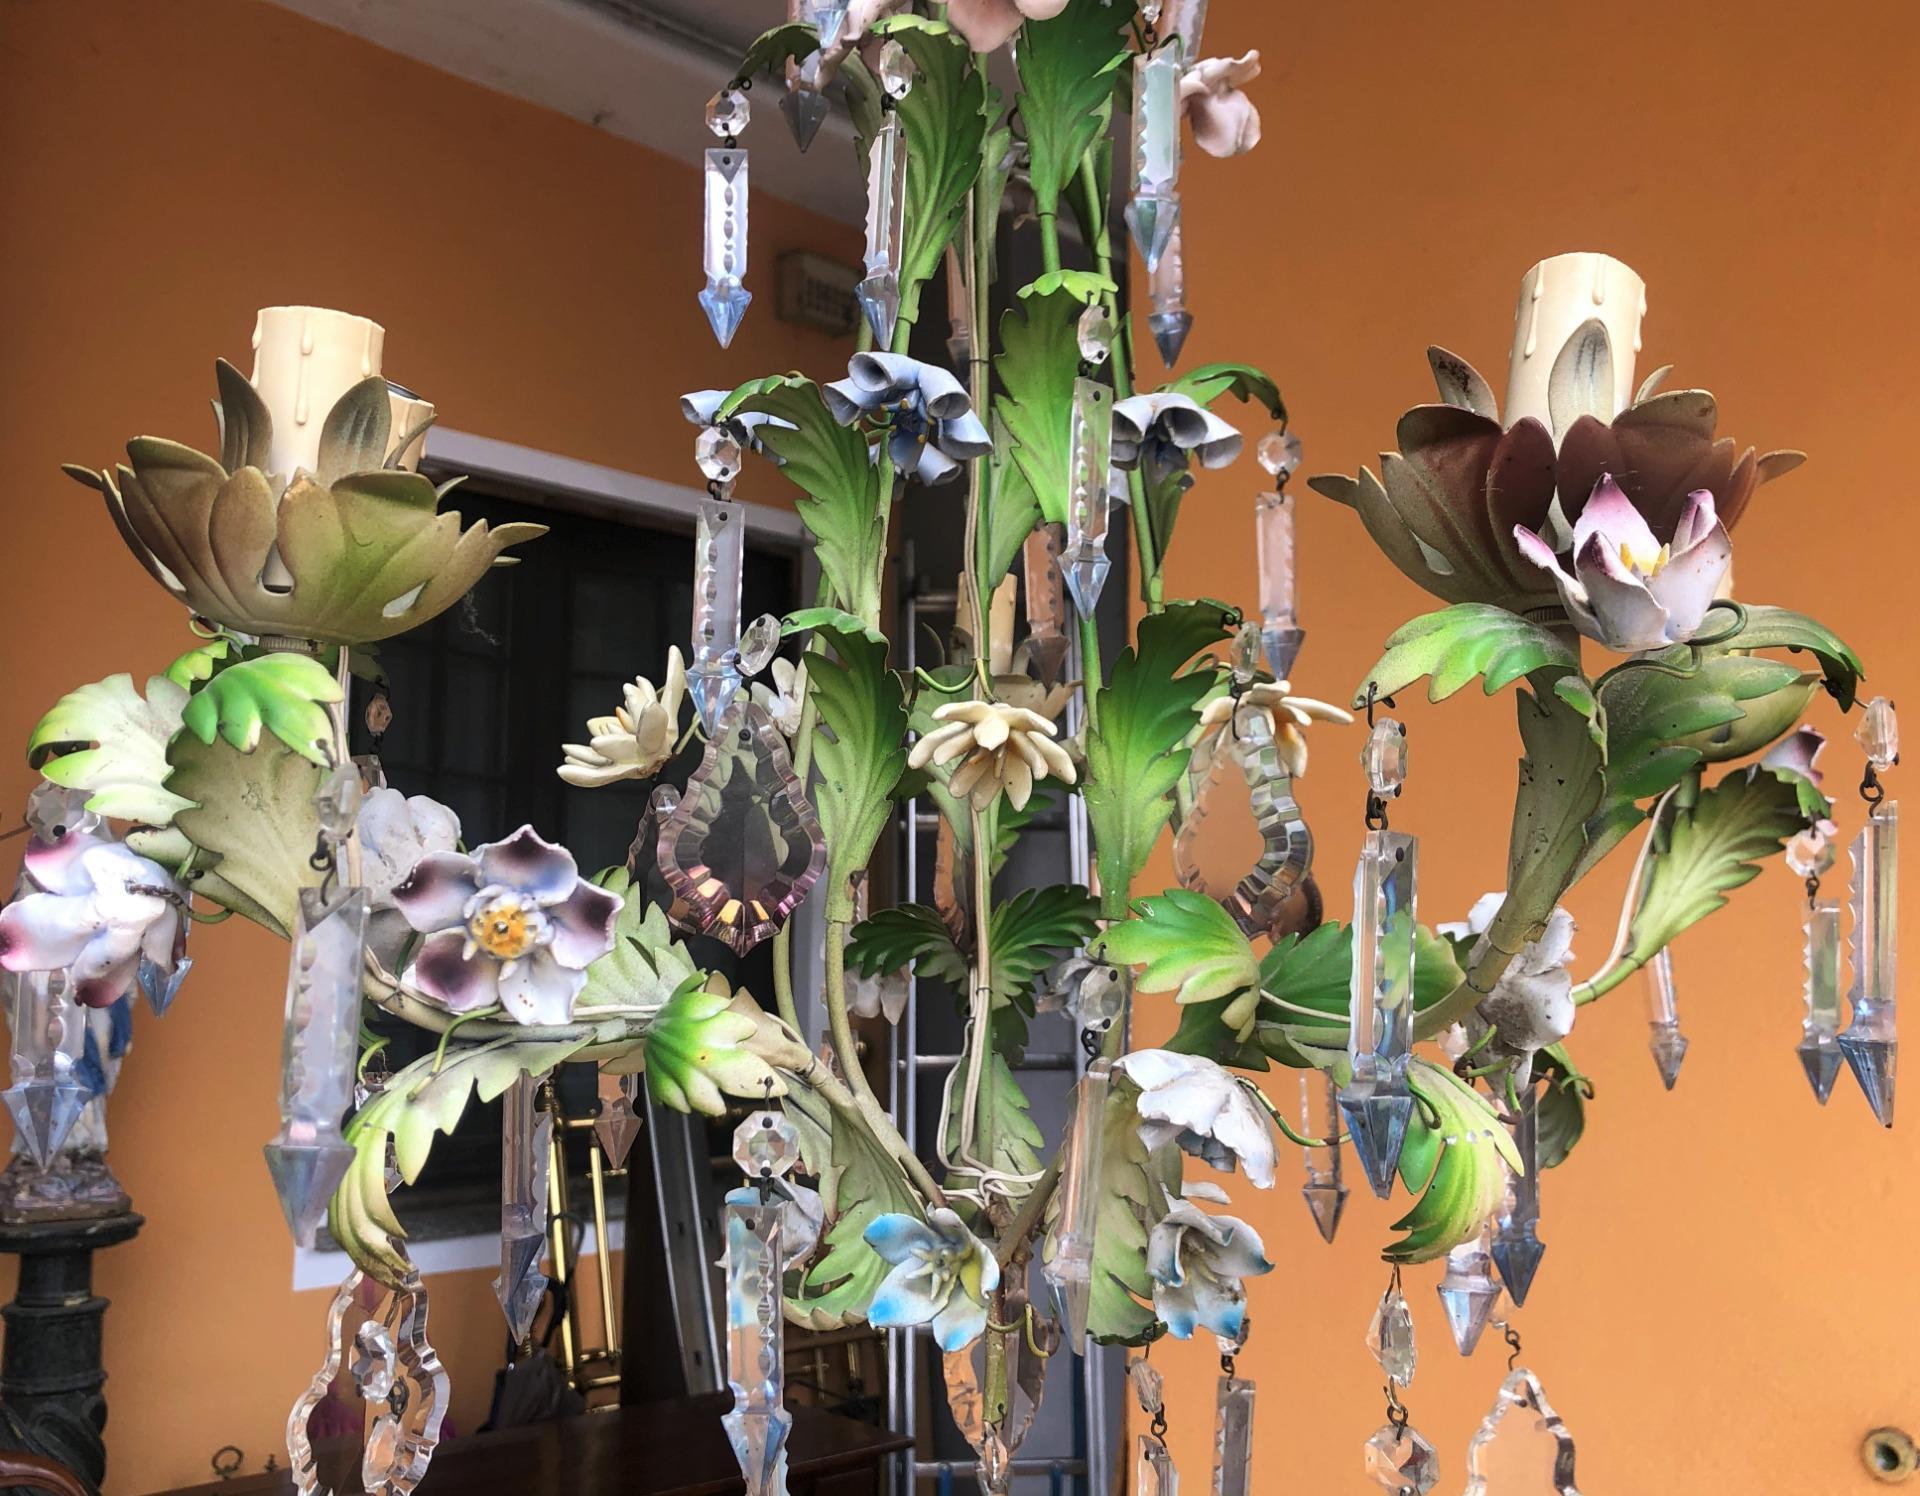 thumb2|lampadario con fiorellini